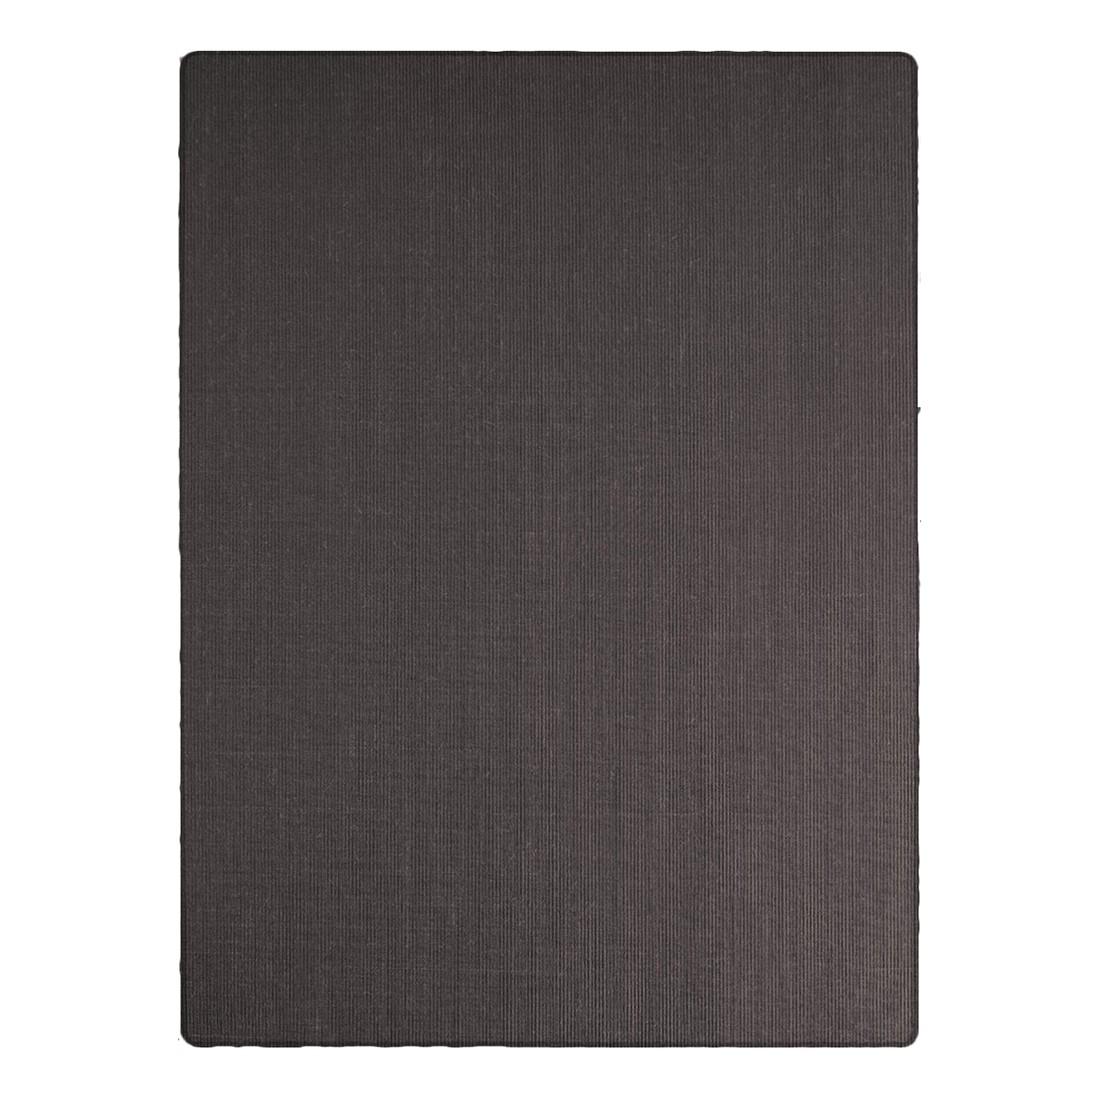 teppich 100 x 250 preisvergleich die besten angebote. Black Bedroom Furniture Sets. Home Design Ideas